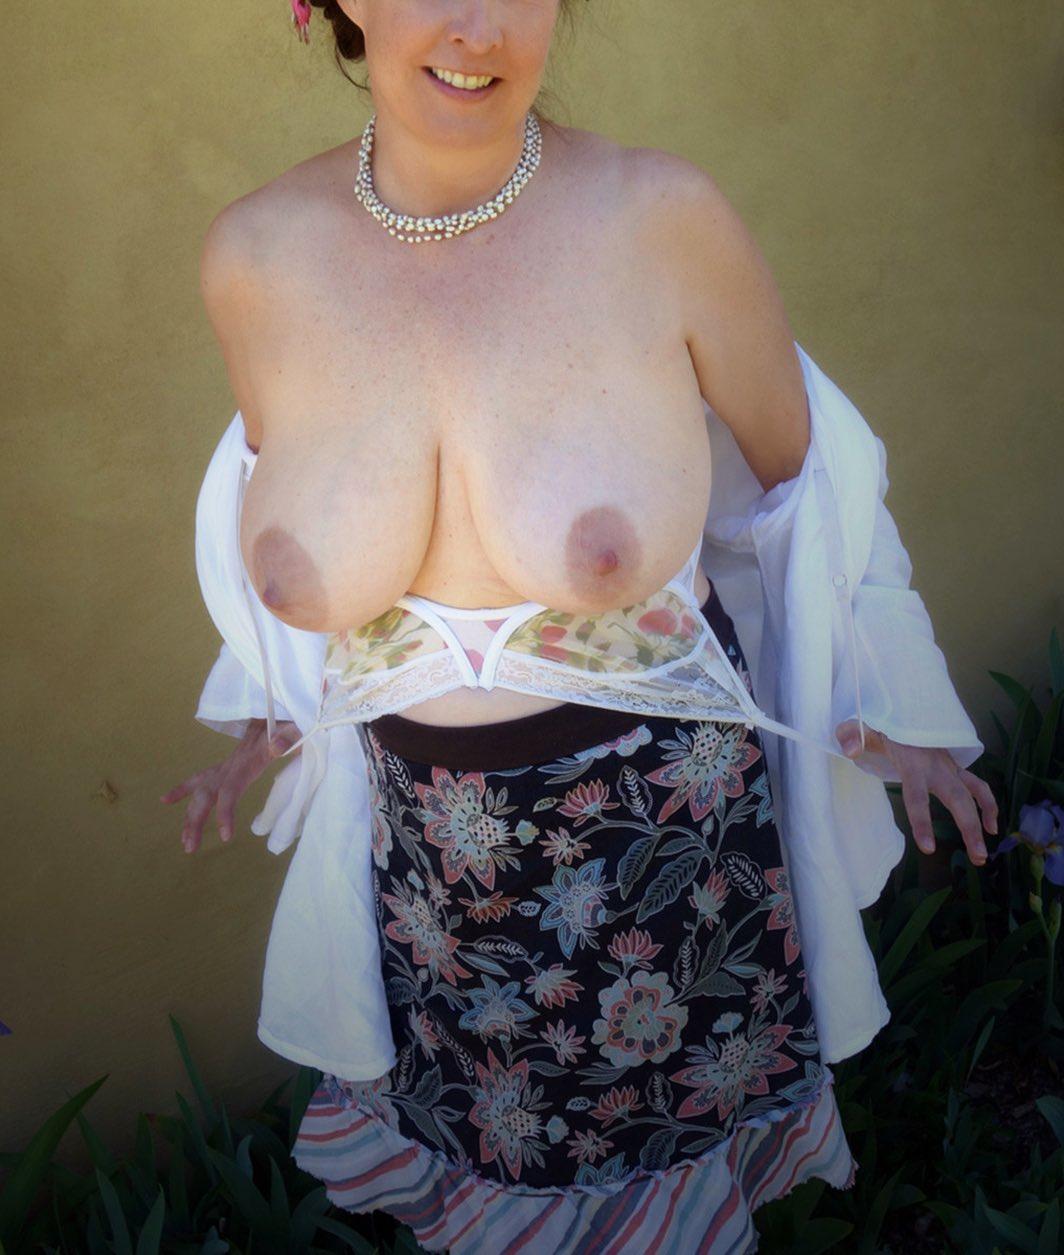 Les gros seins d'une jolie quadra qui aime le sexe